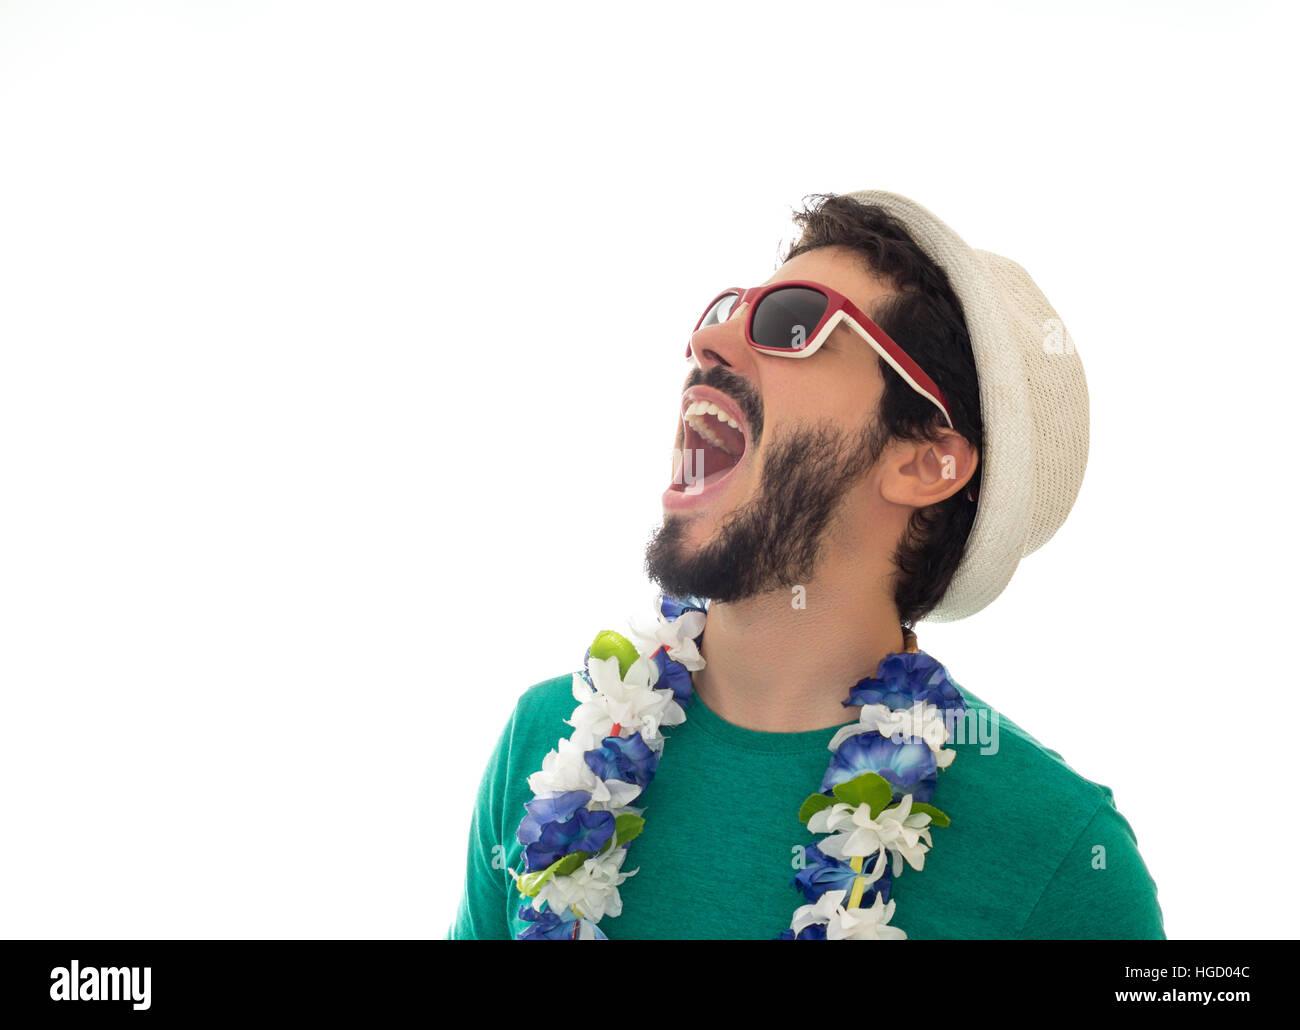 Jeune homme prêt pour les festivités. Porter des lunettes, chapeau et collier de fleurs. Arrière Photo Stock